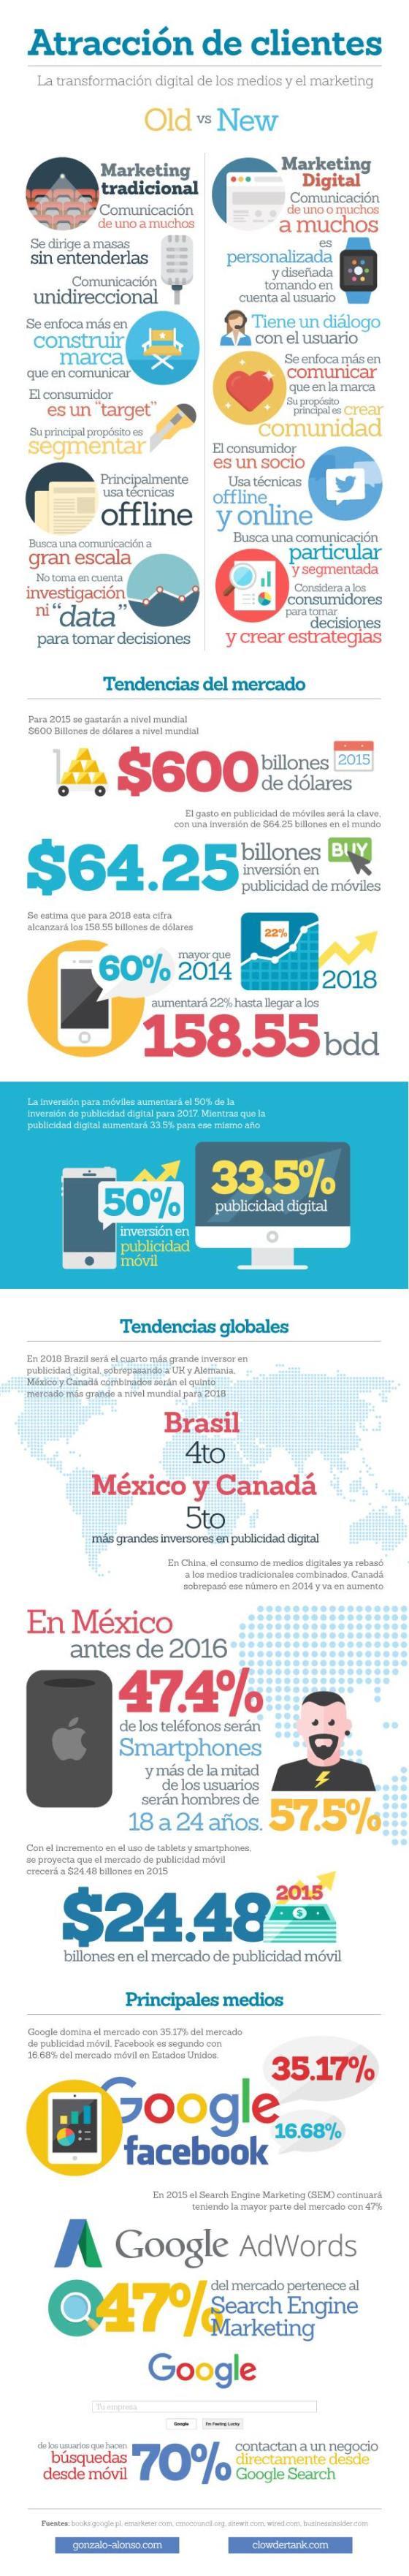 Transformación digital del Marketing